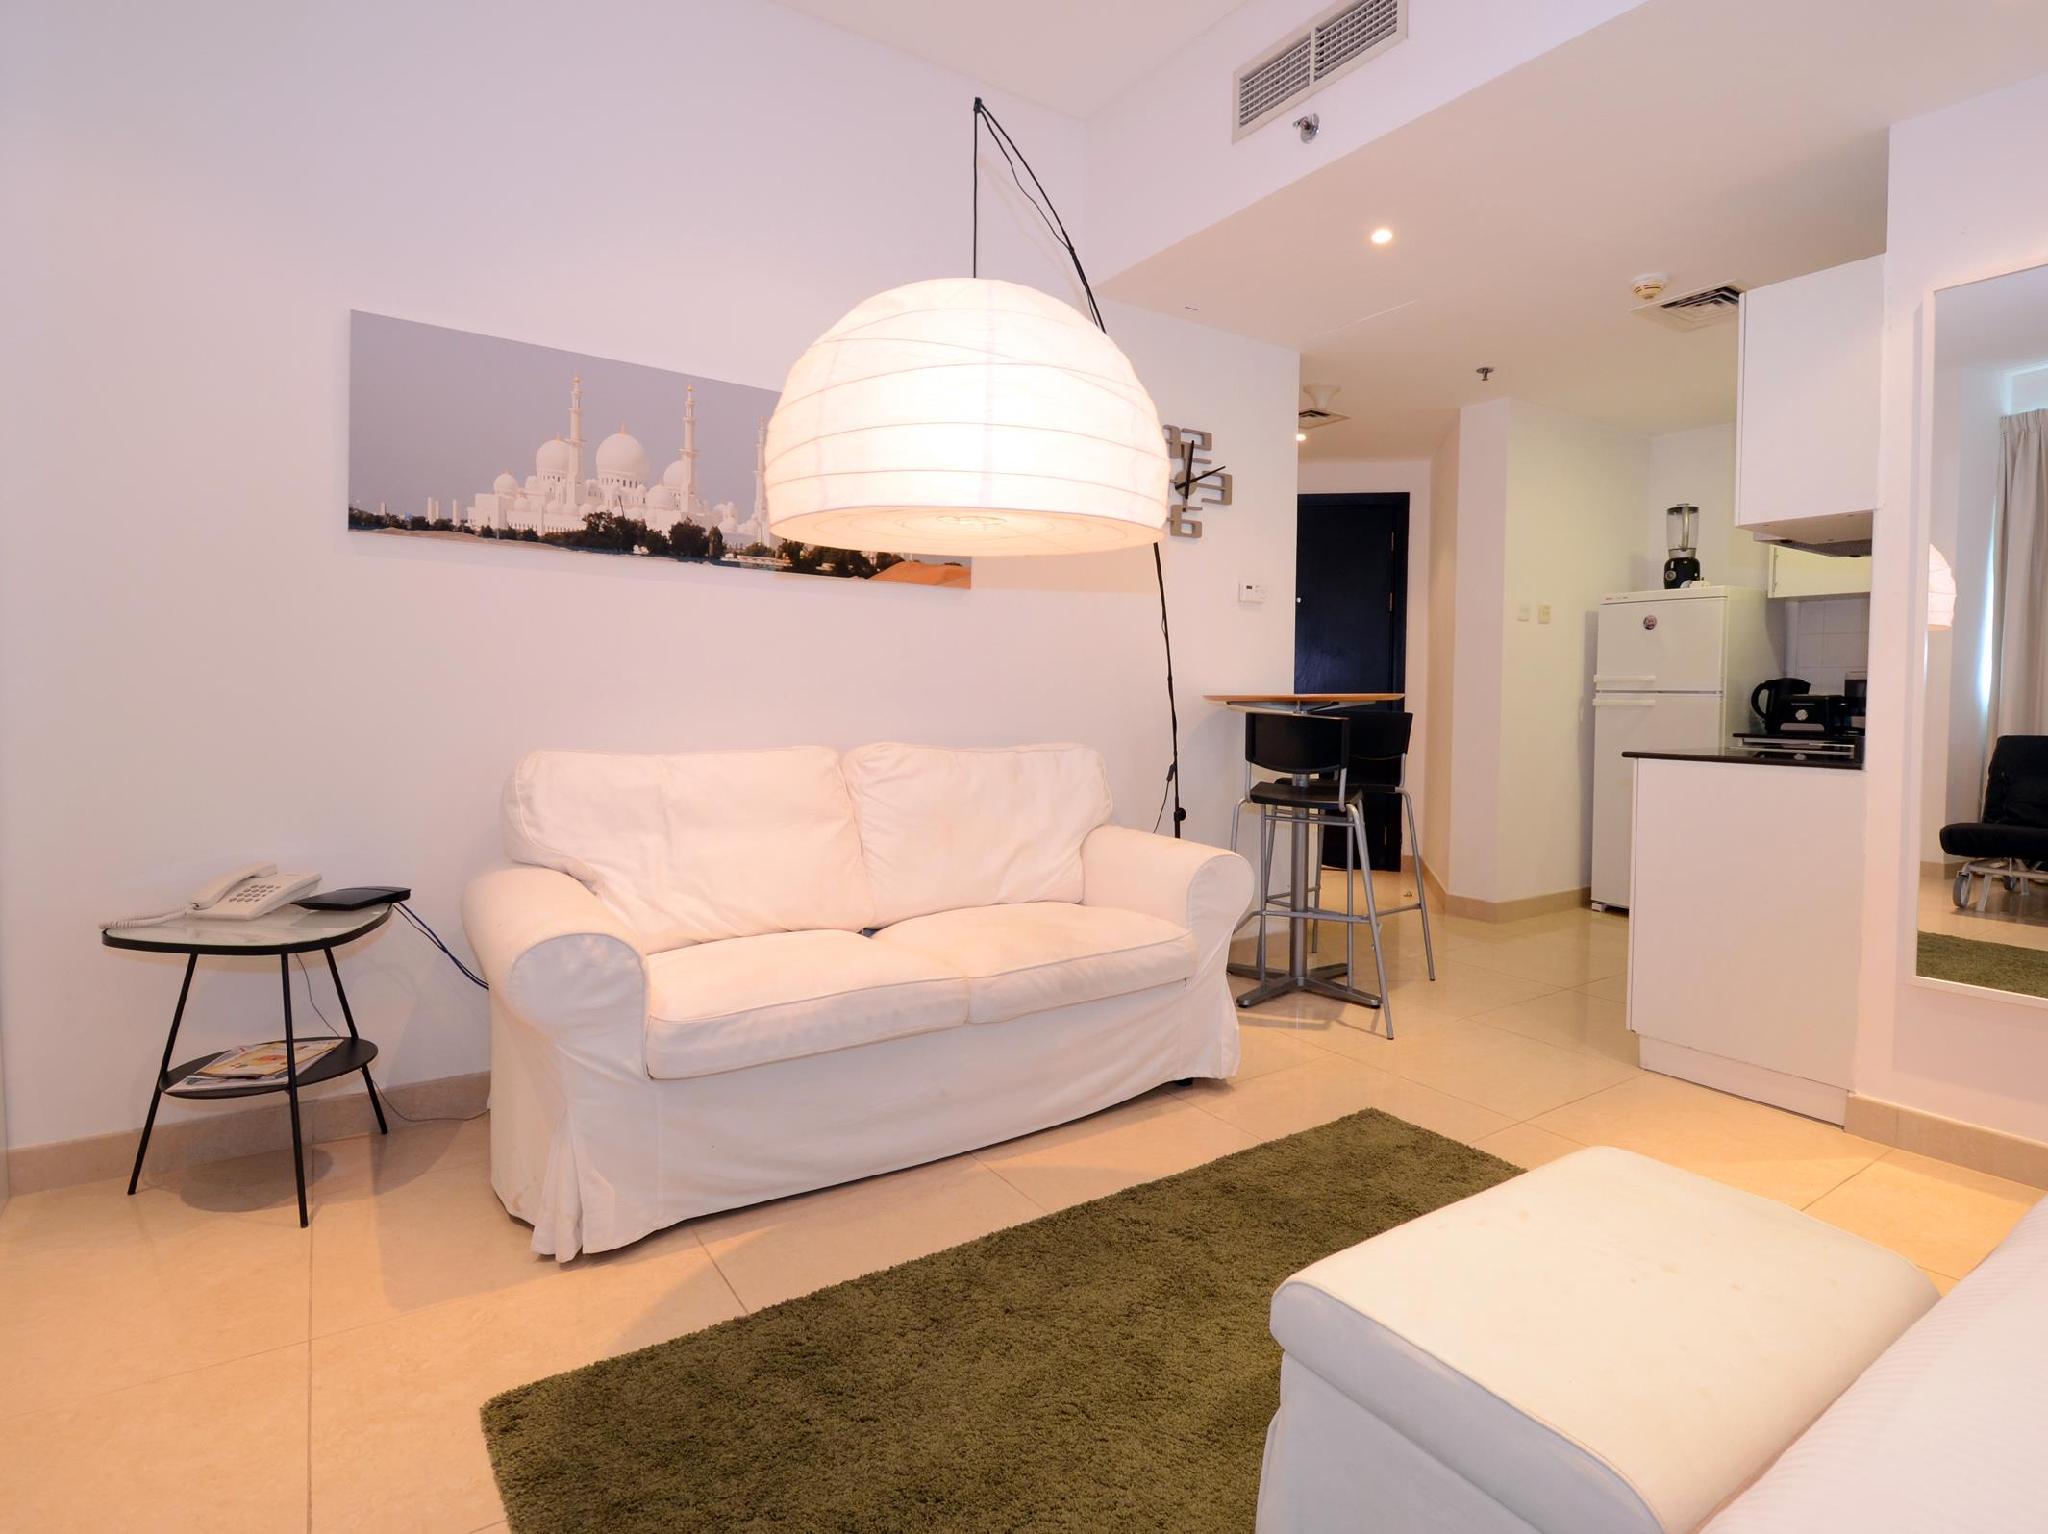 Key One Holiday Homes Yacht Bay Studio1302